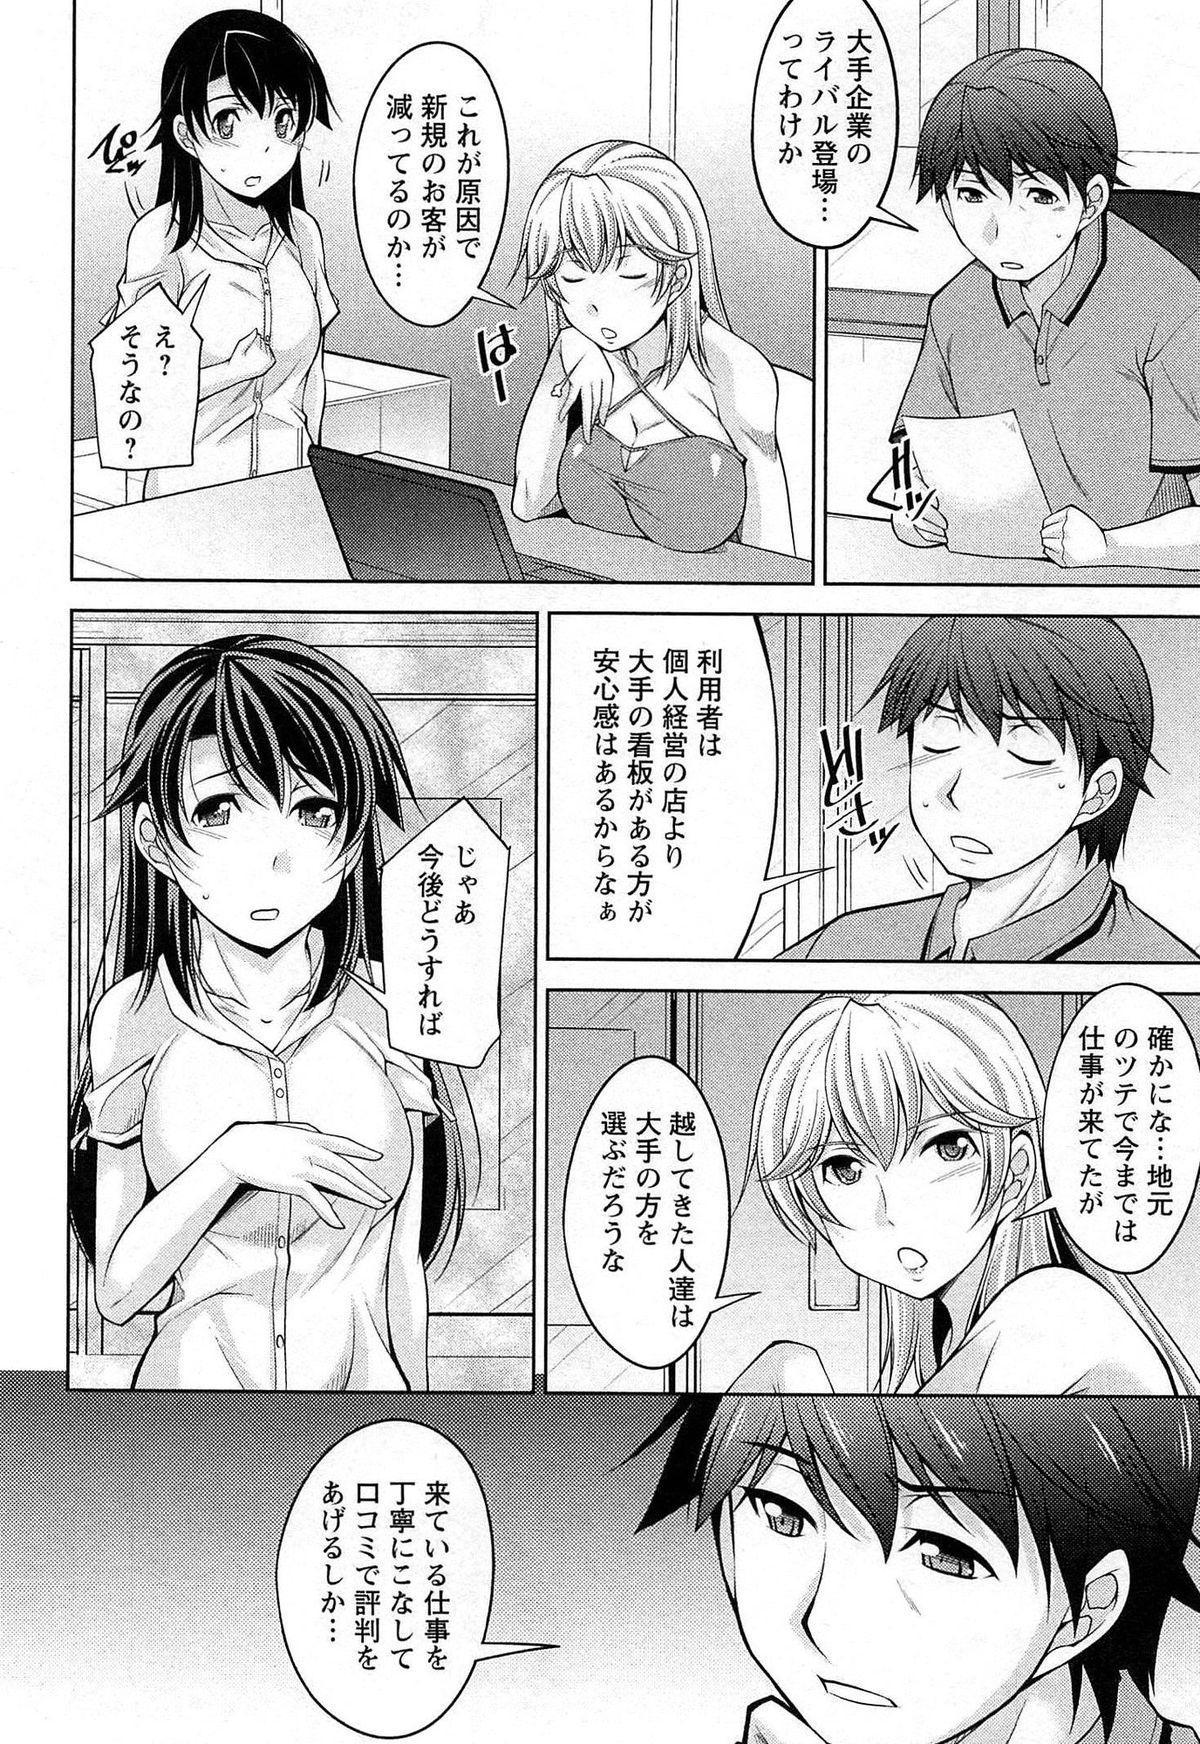 [zen9] Tsuki-wo Ai-Shite - Tsuki-ni Koi-shite 2 120